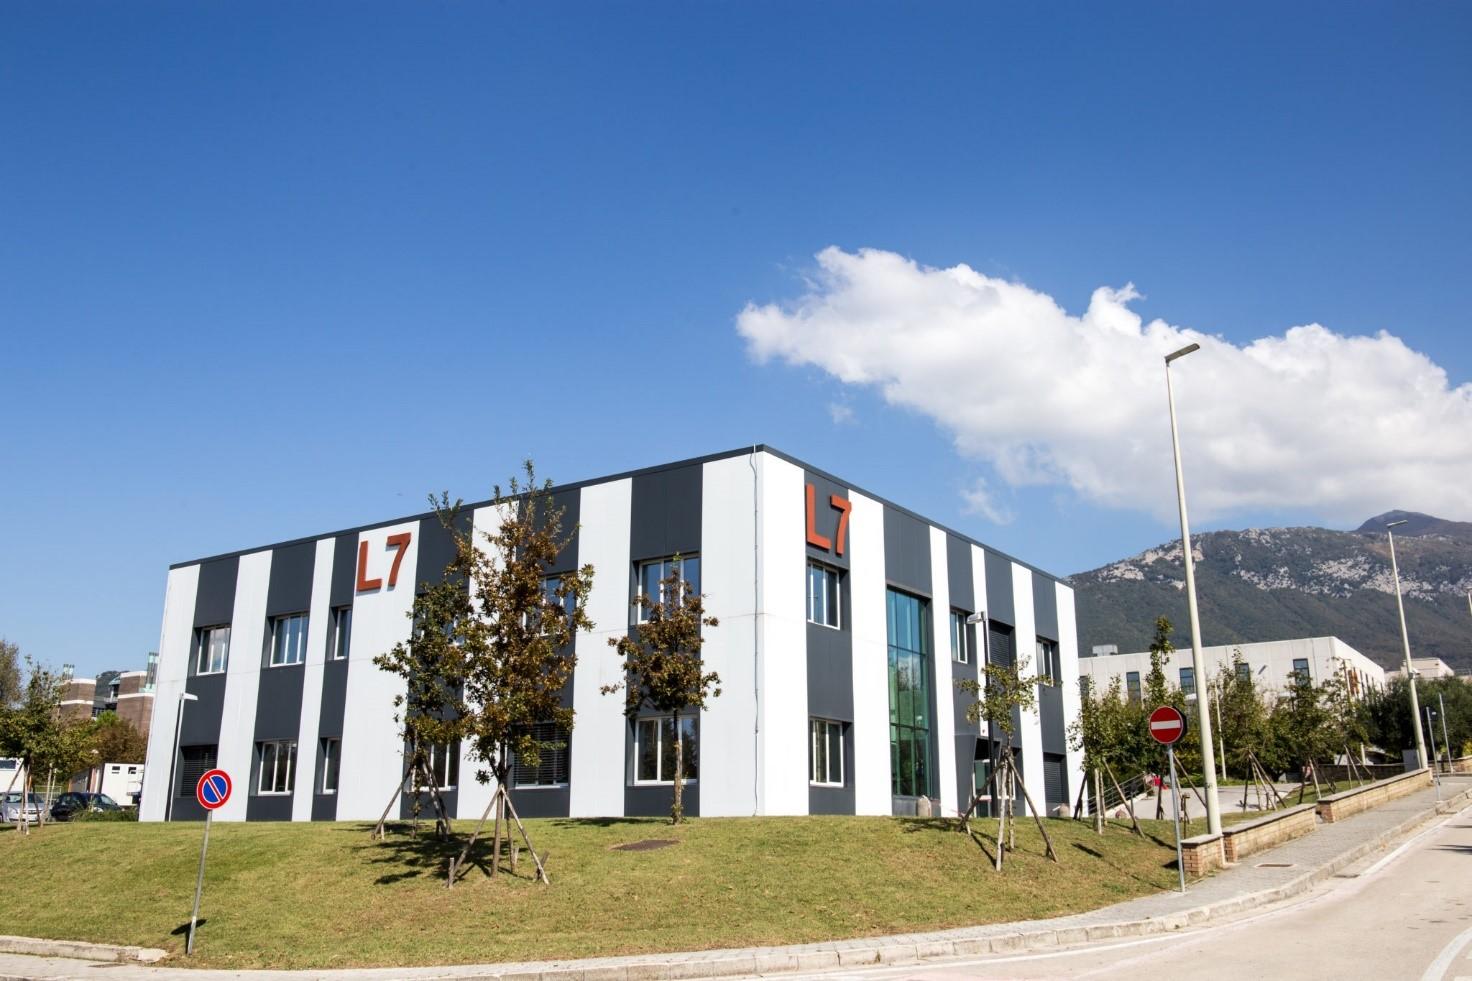 La nuova sede ePowerIng nel Campus dell'Università di Salerno